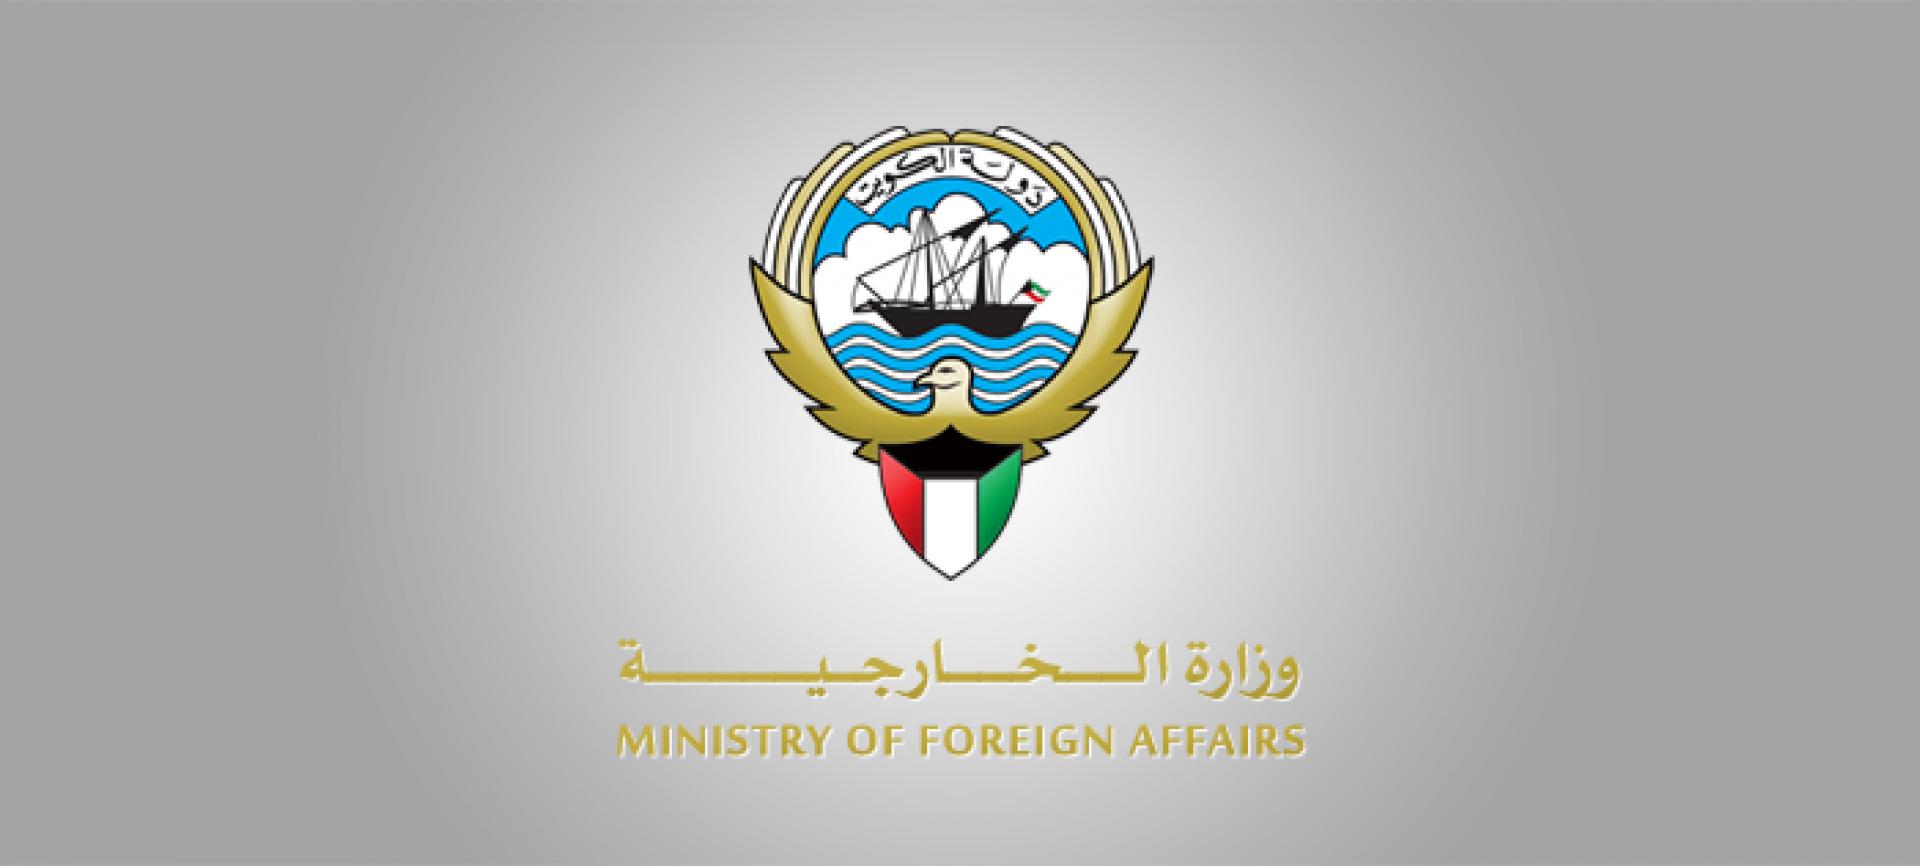 الخارجية تطالب قناة العربية بالاعتذار